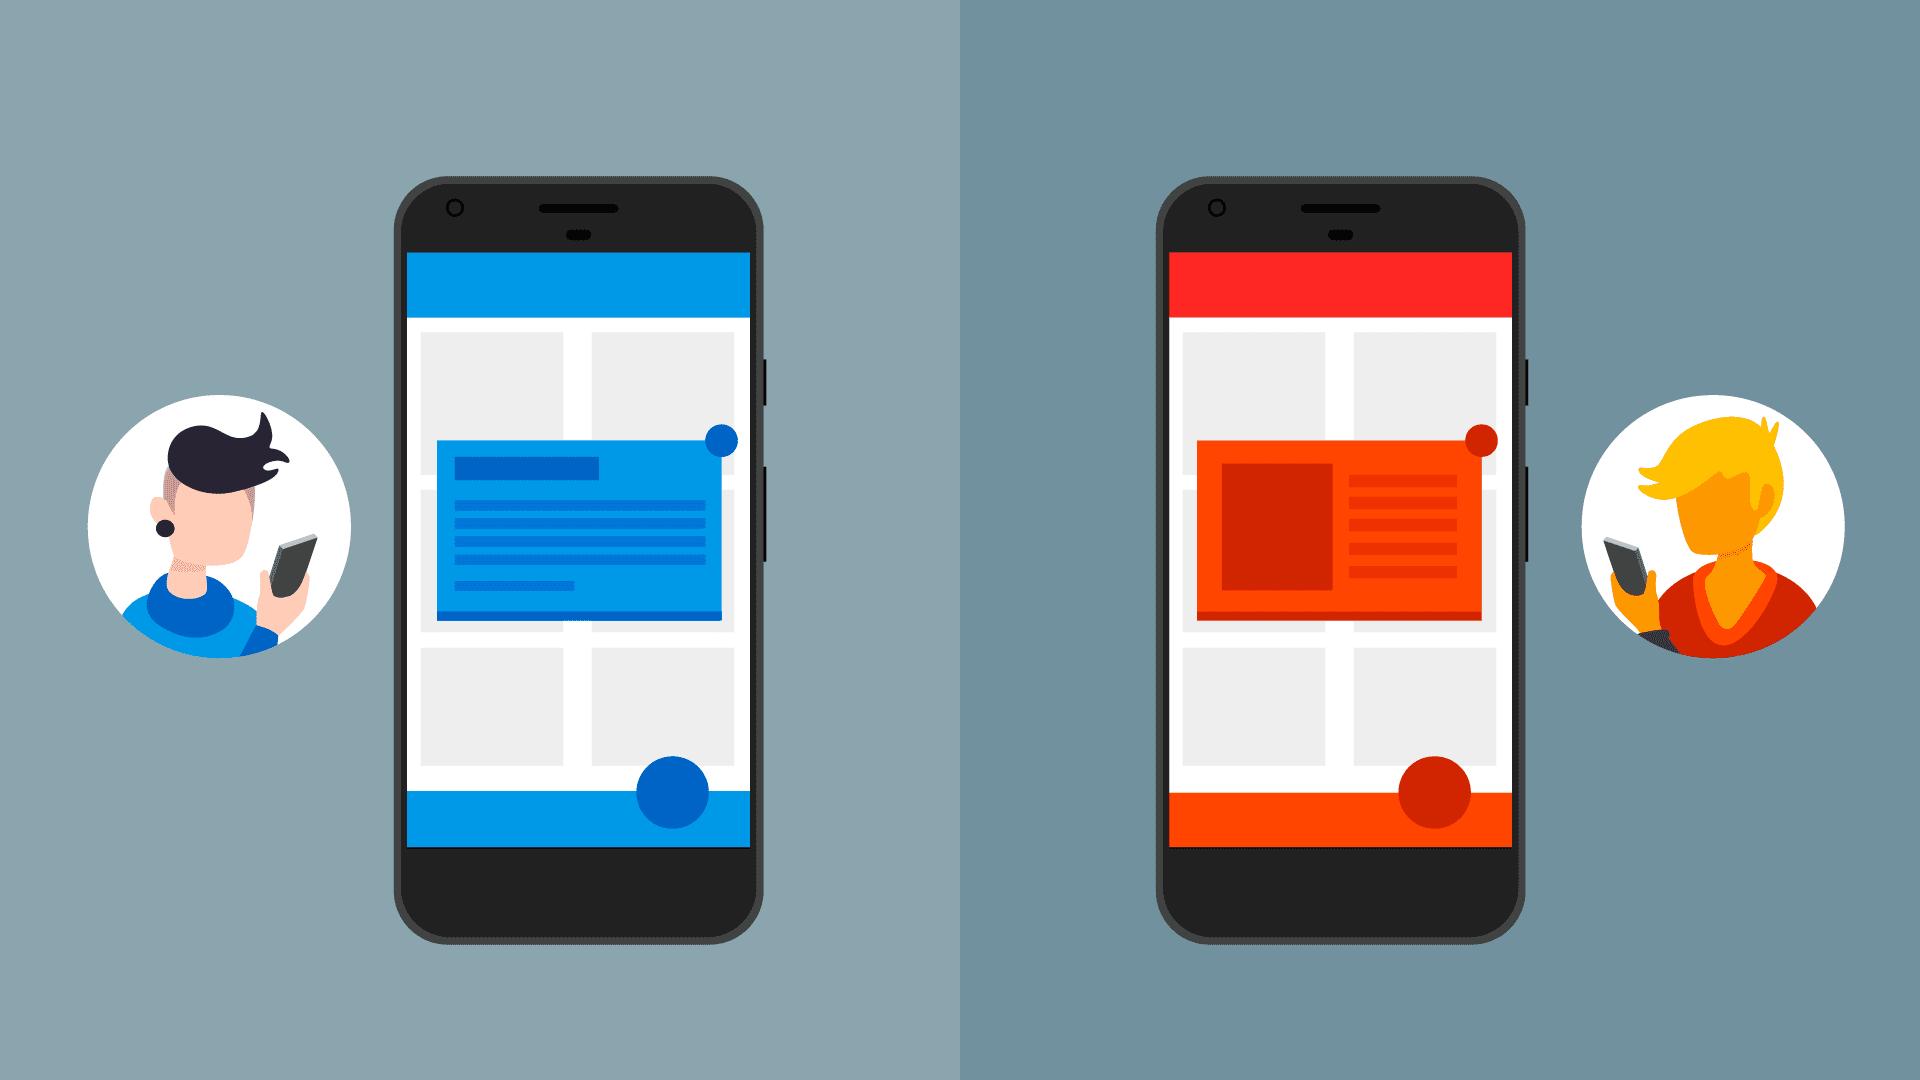 Zwei In-App-Nachrichten mit unterschiedlichen Stilen